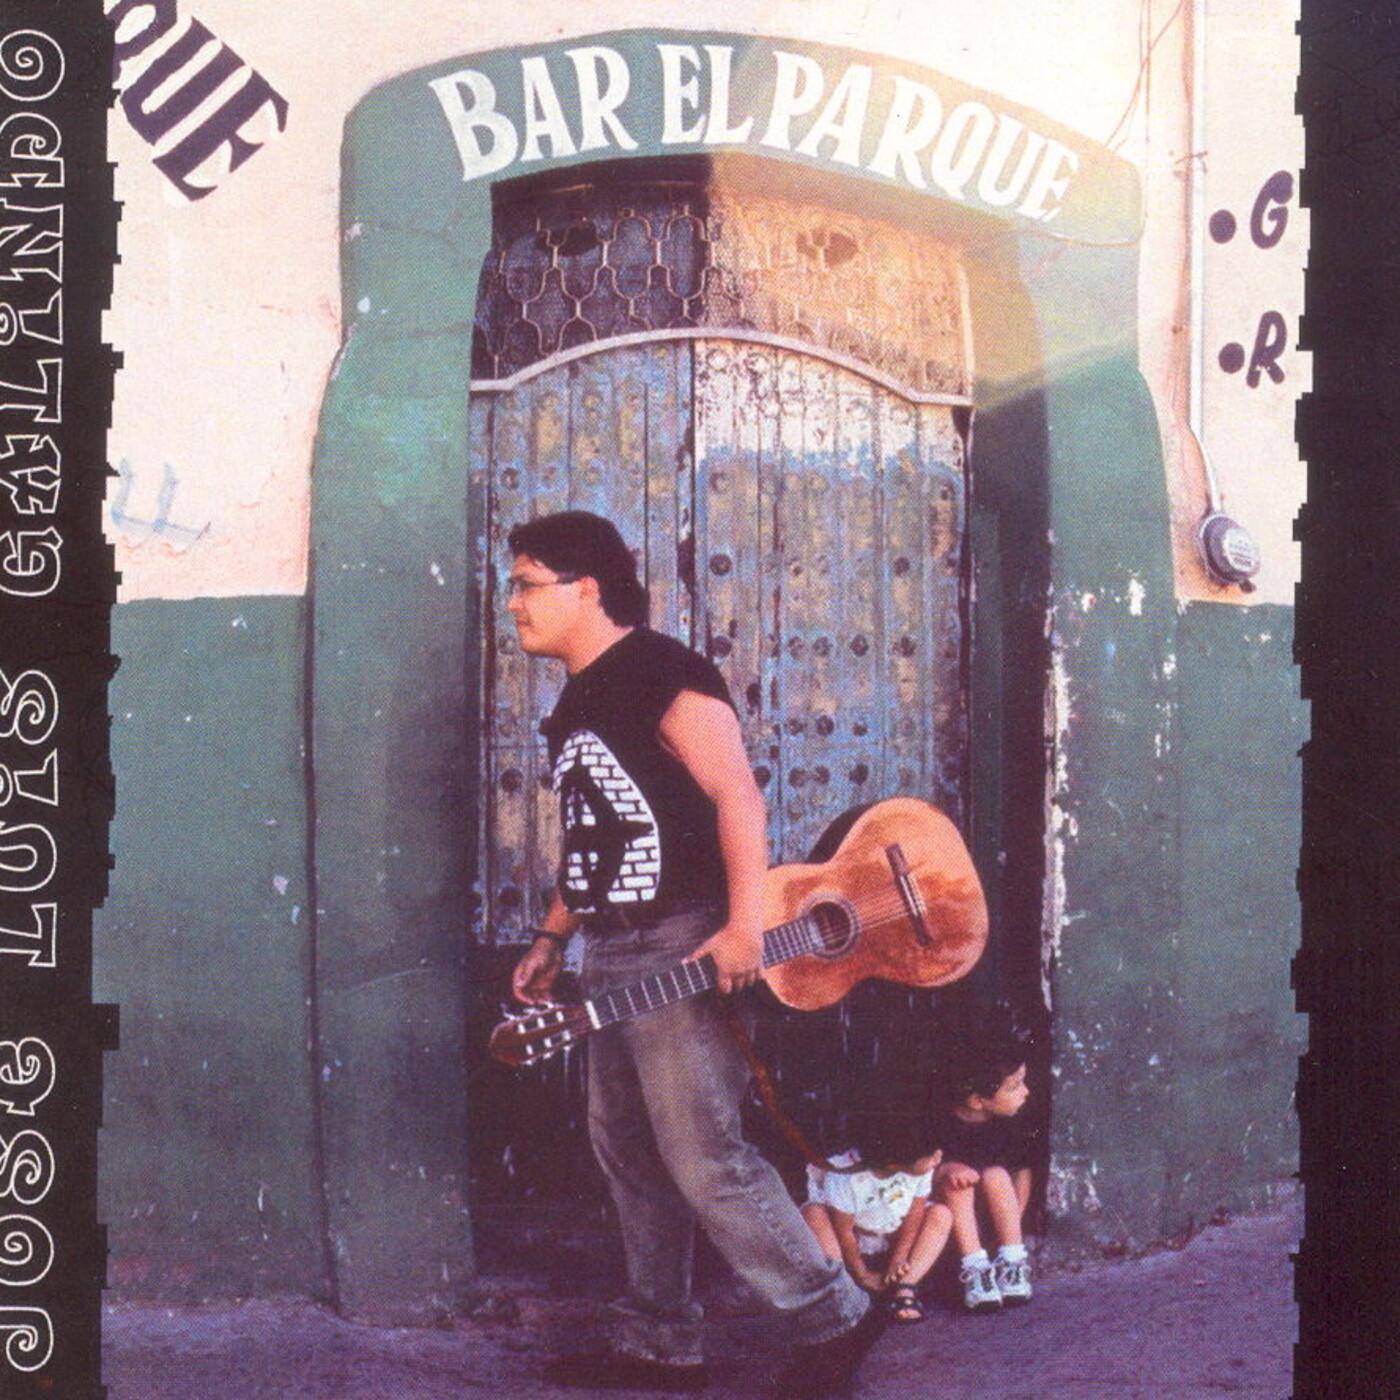 Jose Luis Galindo - Bar el Parque